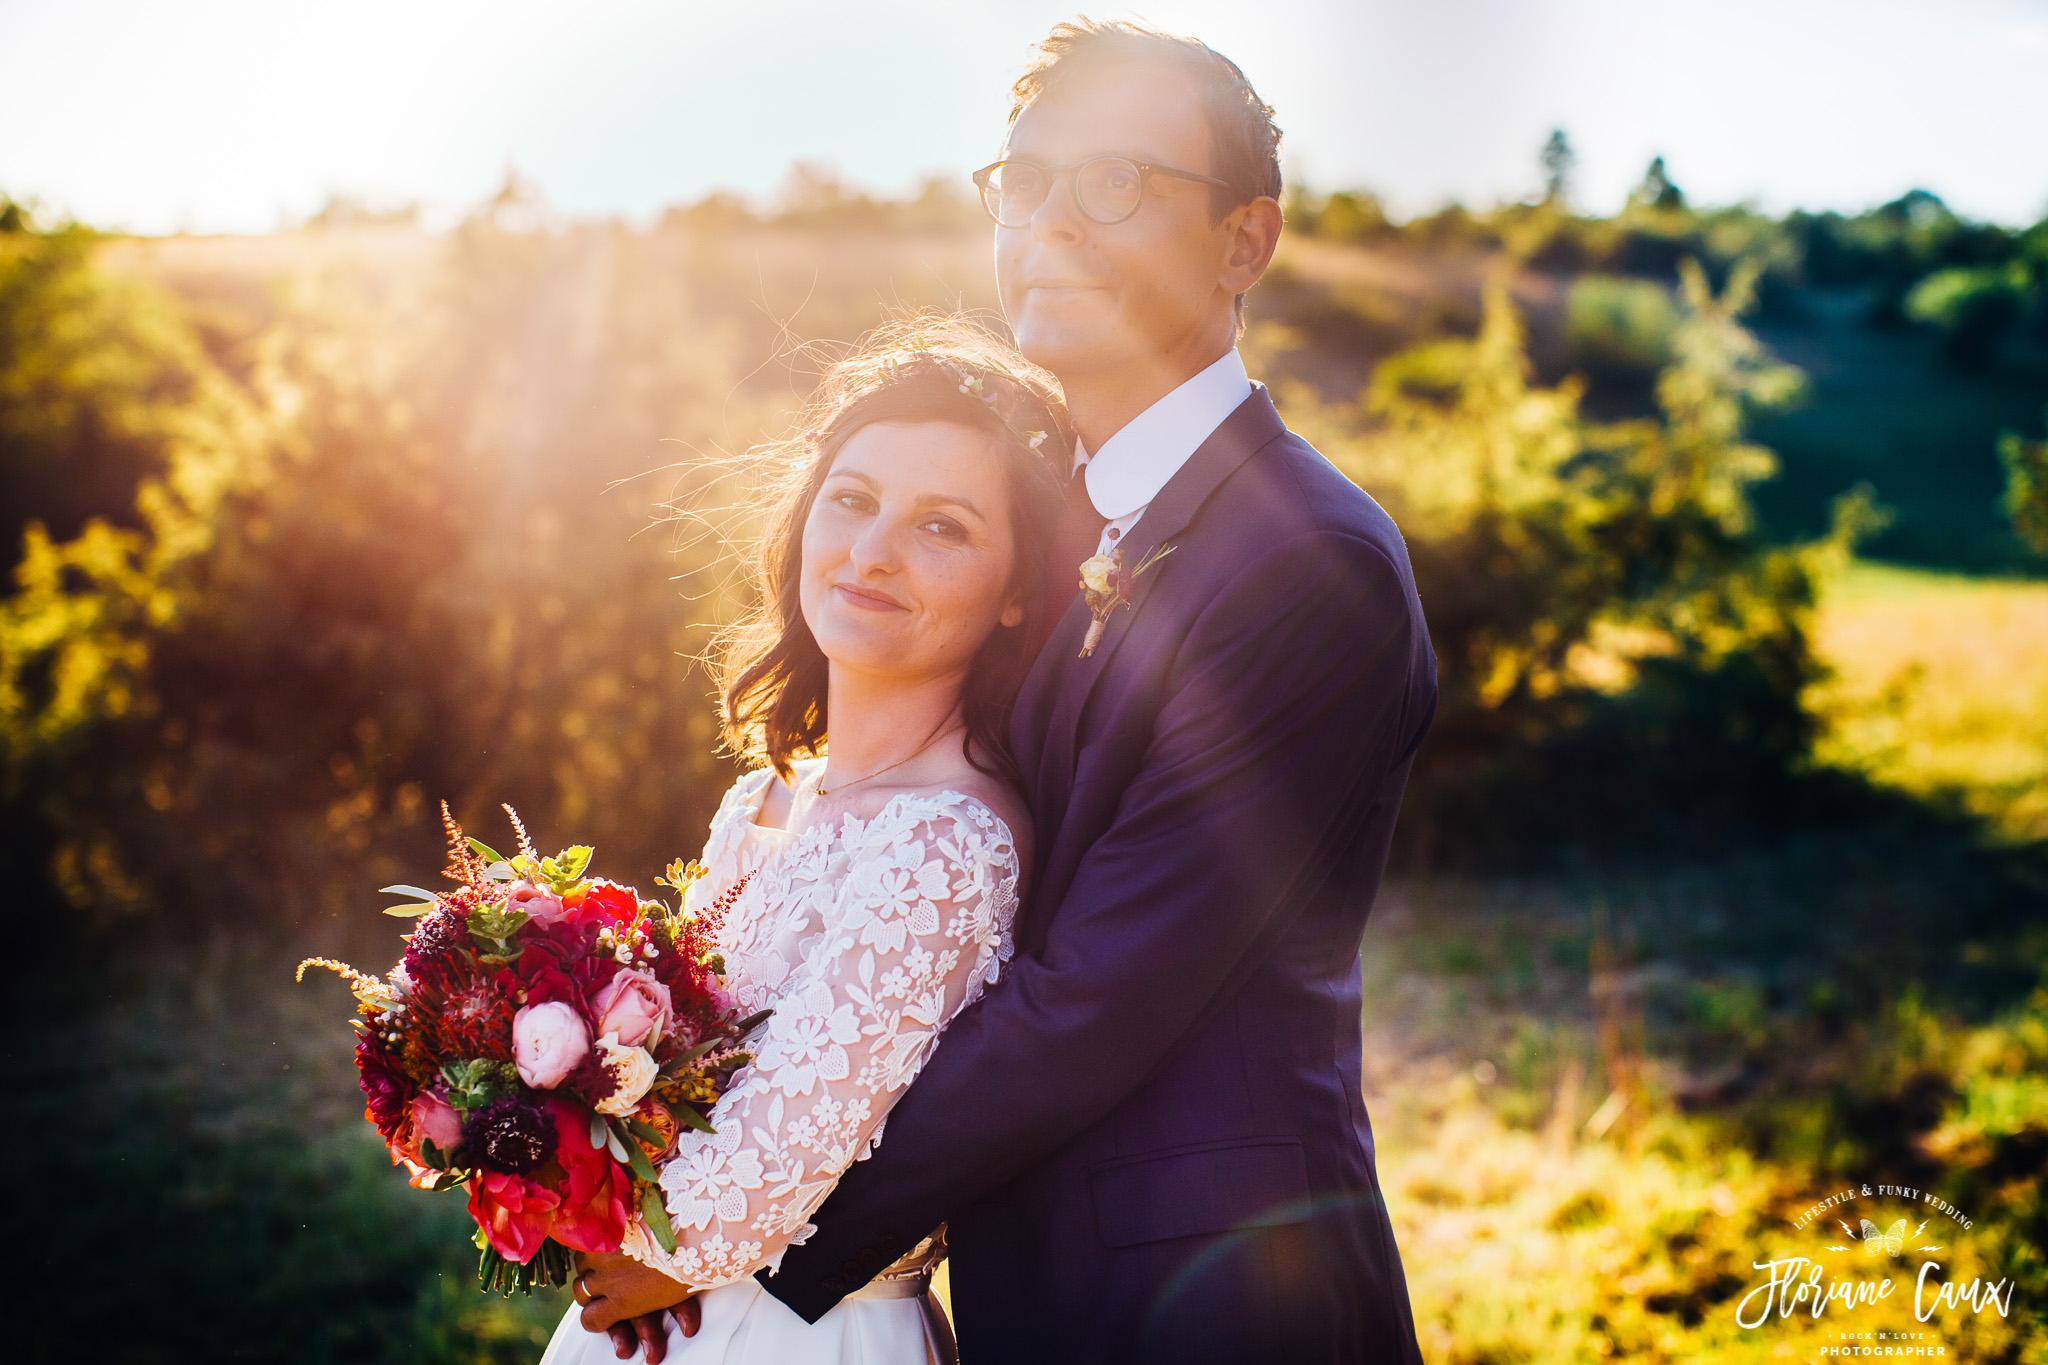 photographe-mariage-funky-licorne-fumigenes-badass-2